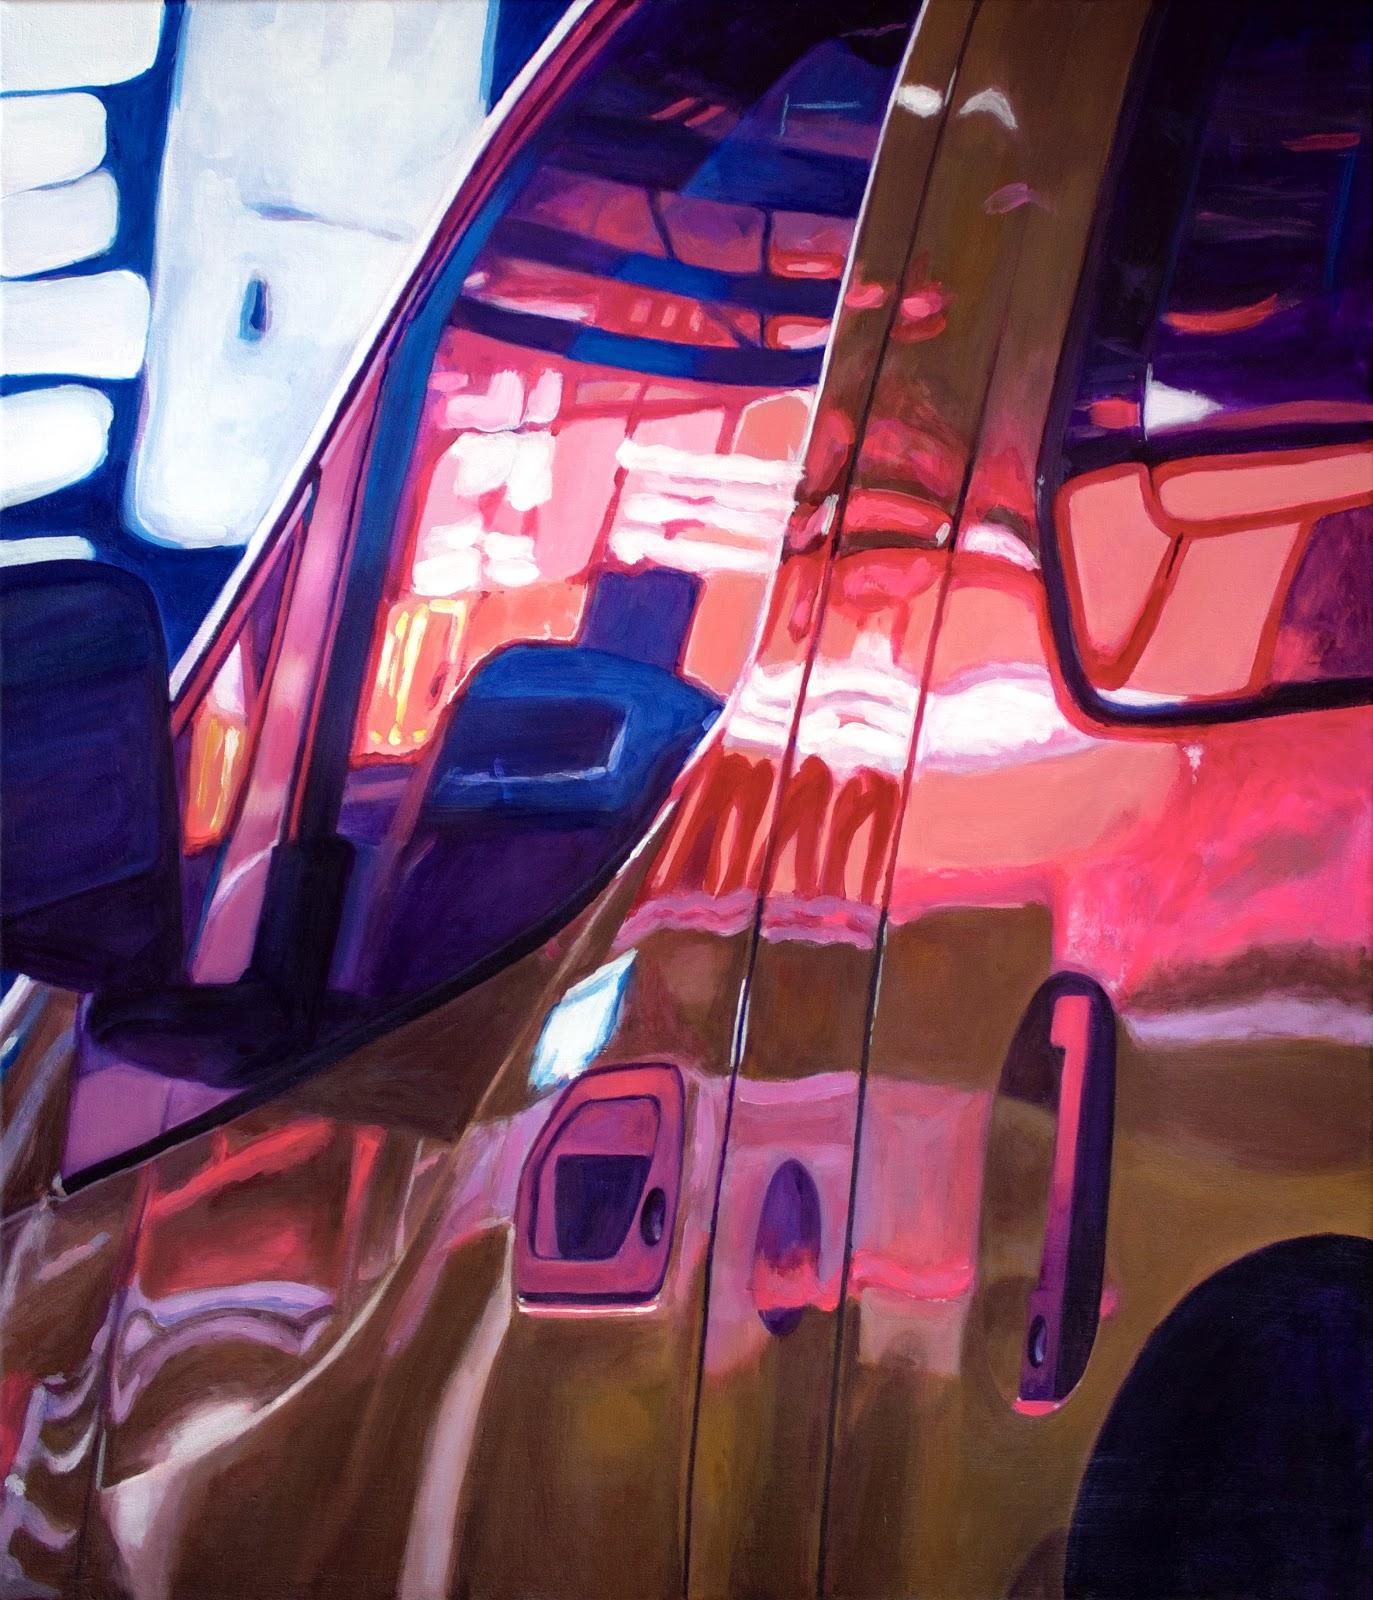 City Lights, 2019, acrylverf op doek, 70 x 60 cm